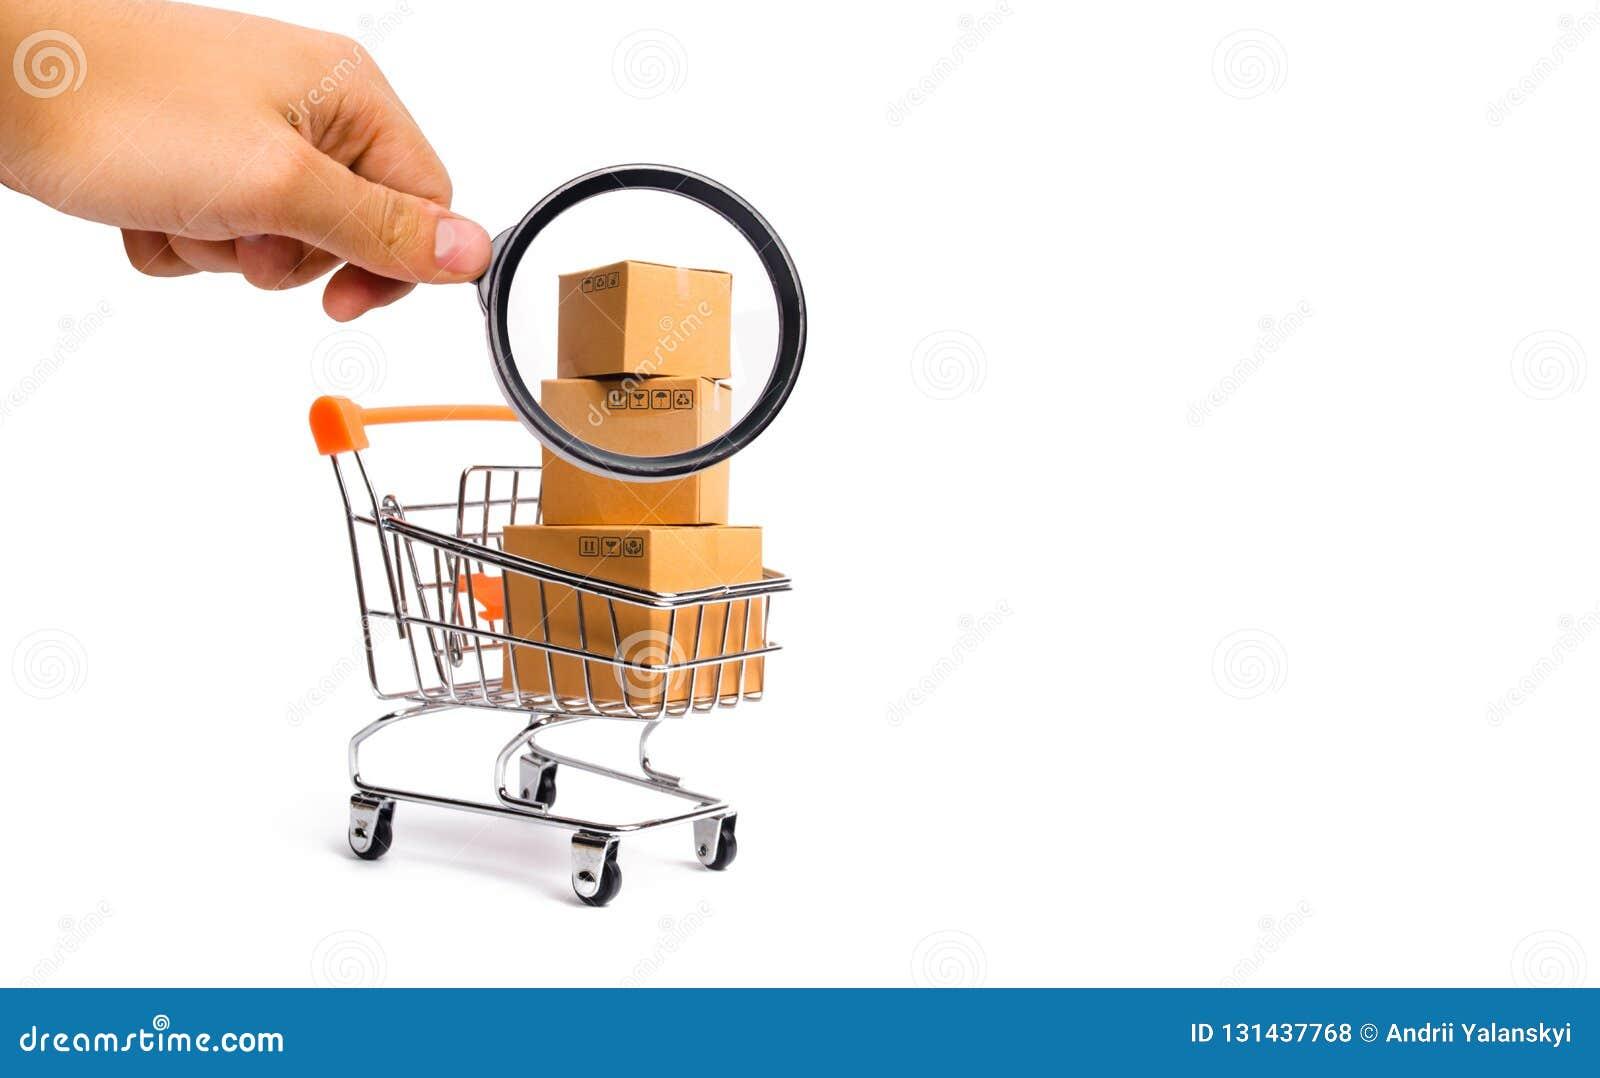 Het vergrootglas bekijkt de Supermarktkar met dozen, koopwaar: het concept het kopen van en het verkopen van goederen en diensten